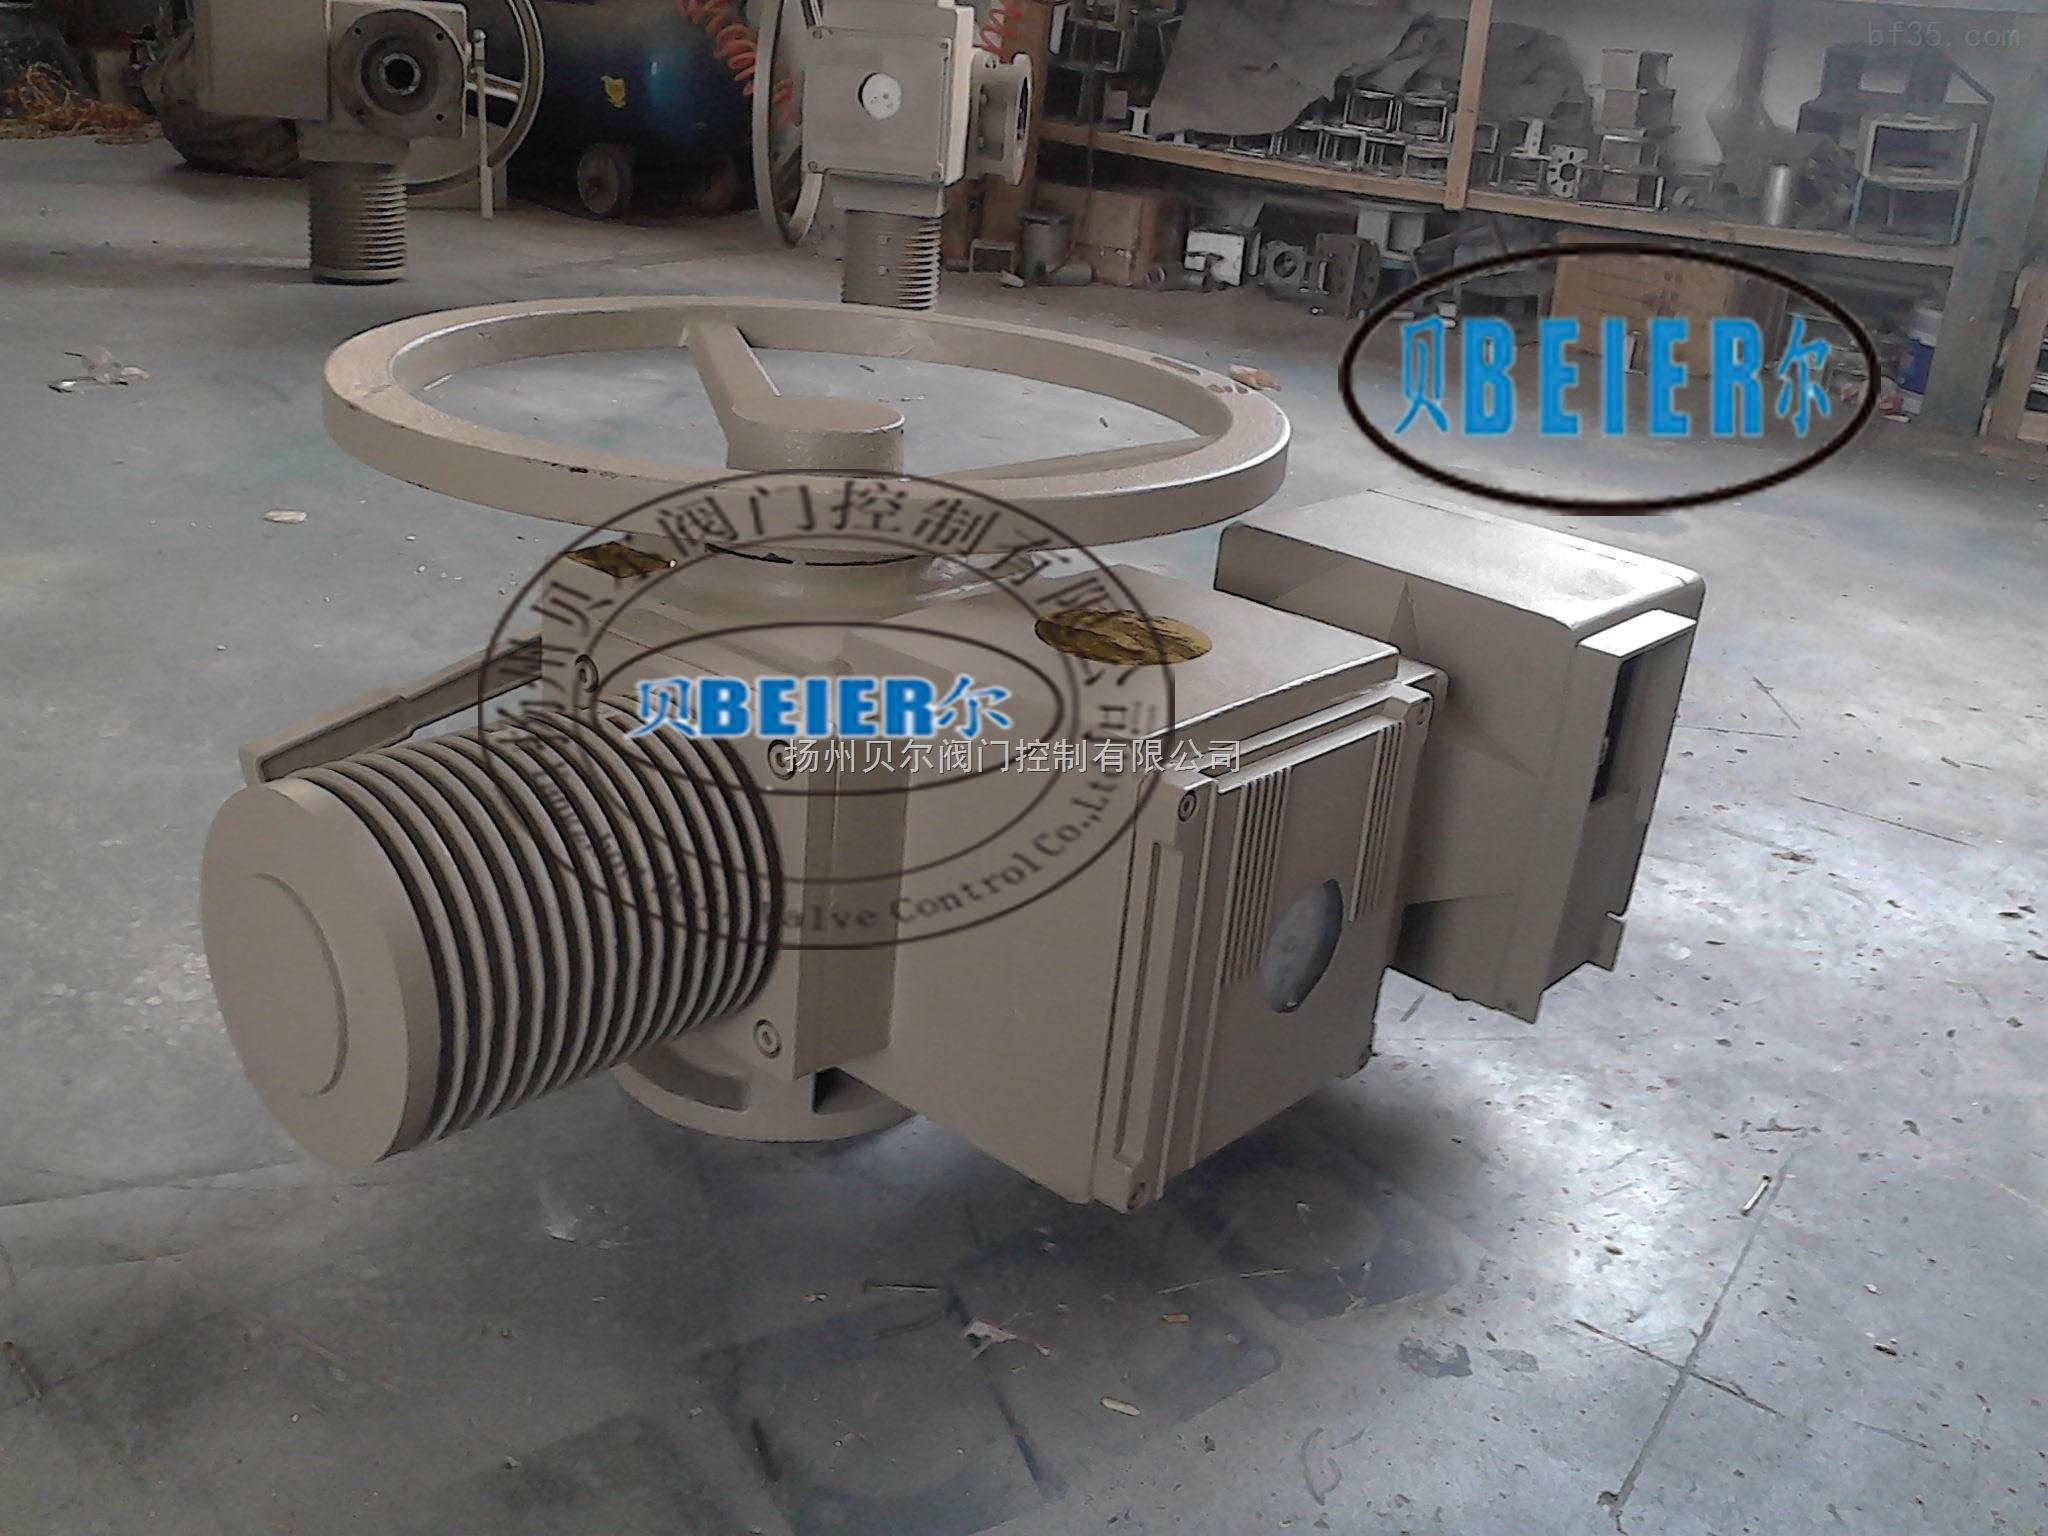 西门子电动执行机构 扬州西门子生产厂家 西门子电动执行器 名称: 2SA30西门子电动执行器型号: 2SA规格: 2SA30系列介绍2SA30系列执行器适用于对开环控制或闭环控制系统中各类闸阀、截止阀及调节阀等阀门进行控制或调节的一种装置,防护等级为IP65,最高可达IP67。2SA30开关型电动执行机构输出转矩范围:10Nm-4000Nm,转速范围:5-160rpm。 该型号机构合理,通用性强,可适合多种配套功能的需要,在2SA30上加装电机控制模块盒(LK)可实现就地操作,方便安装和使用,节省费用。